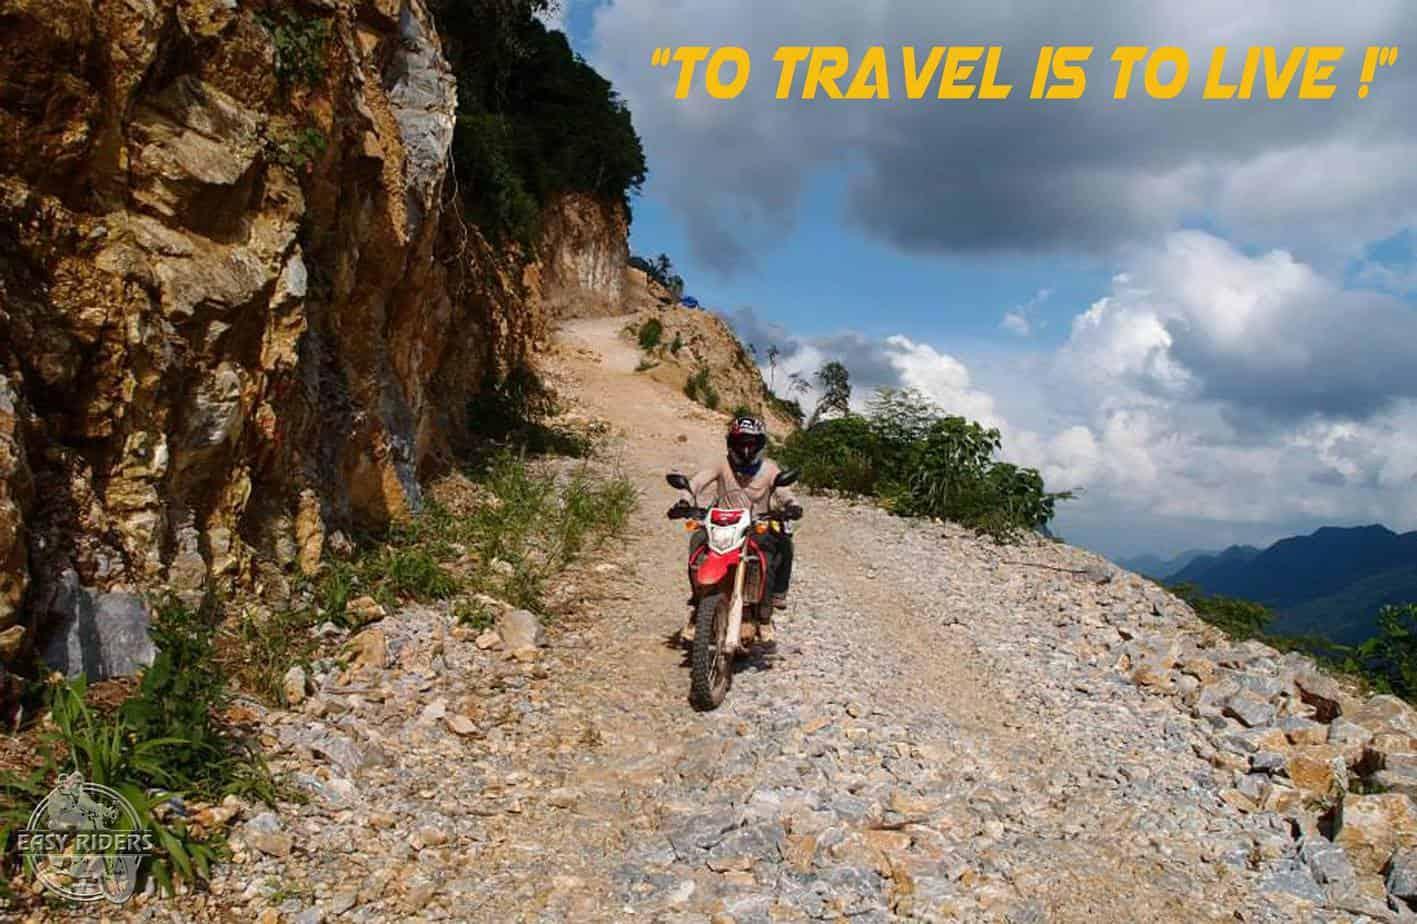 Off-road adventure rider